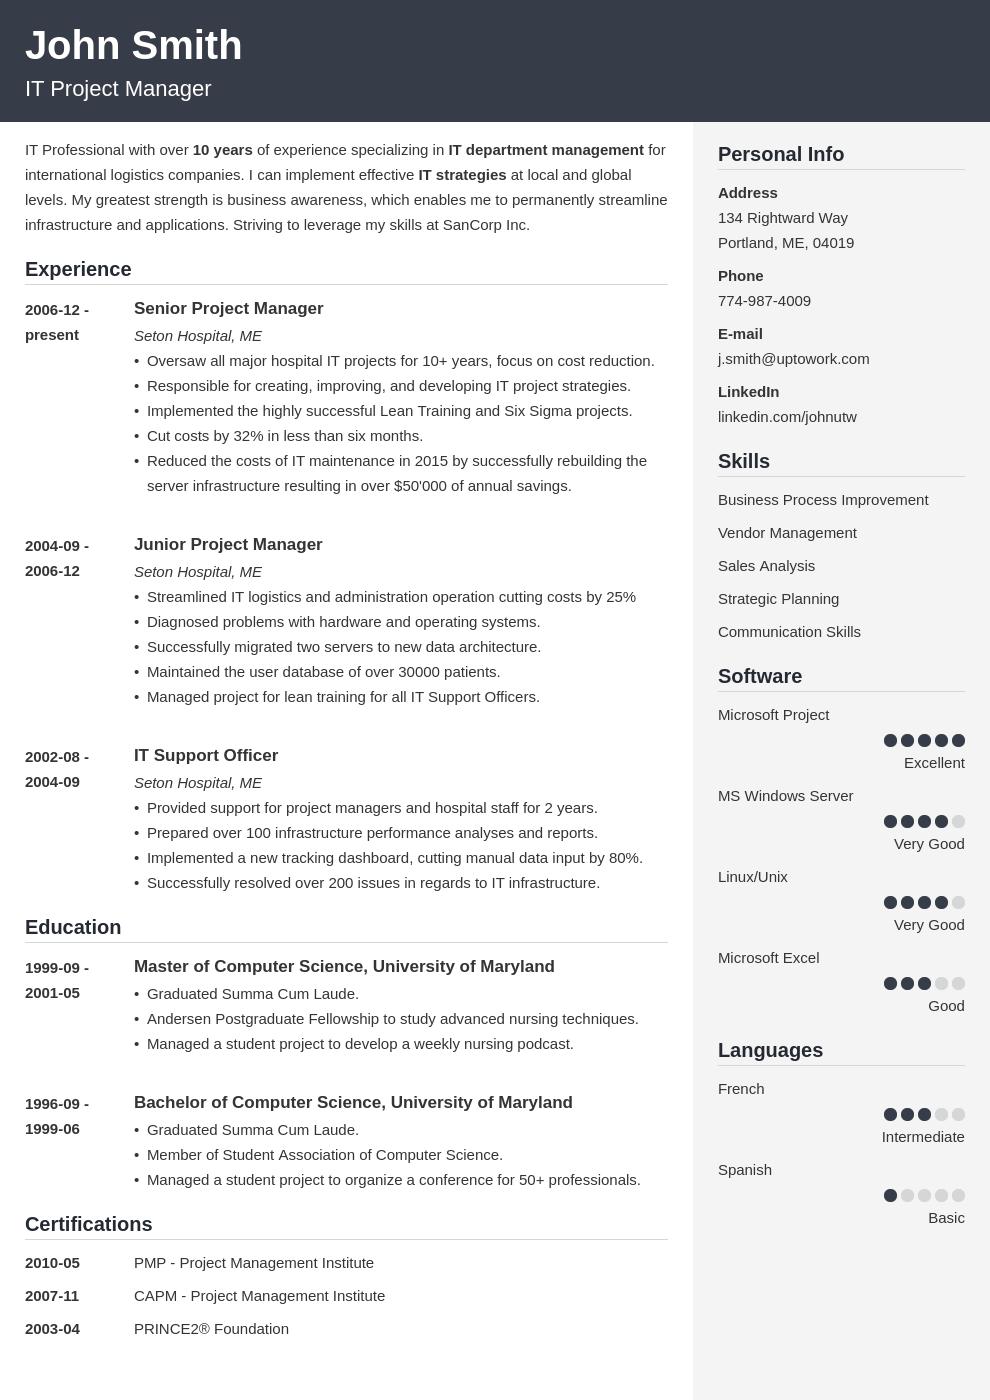 Modèle de CV professionnel Cubic